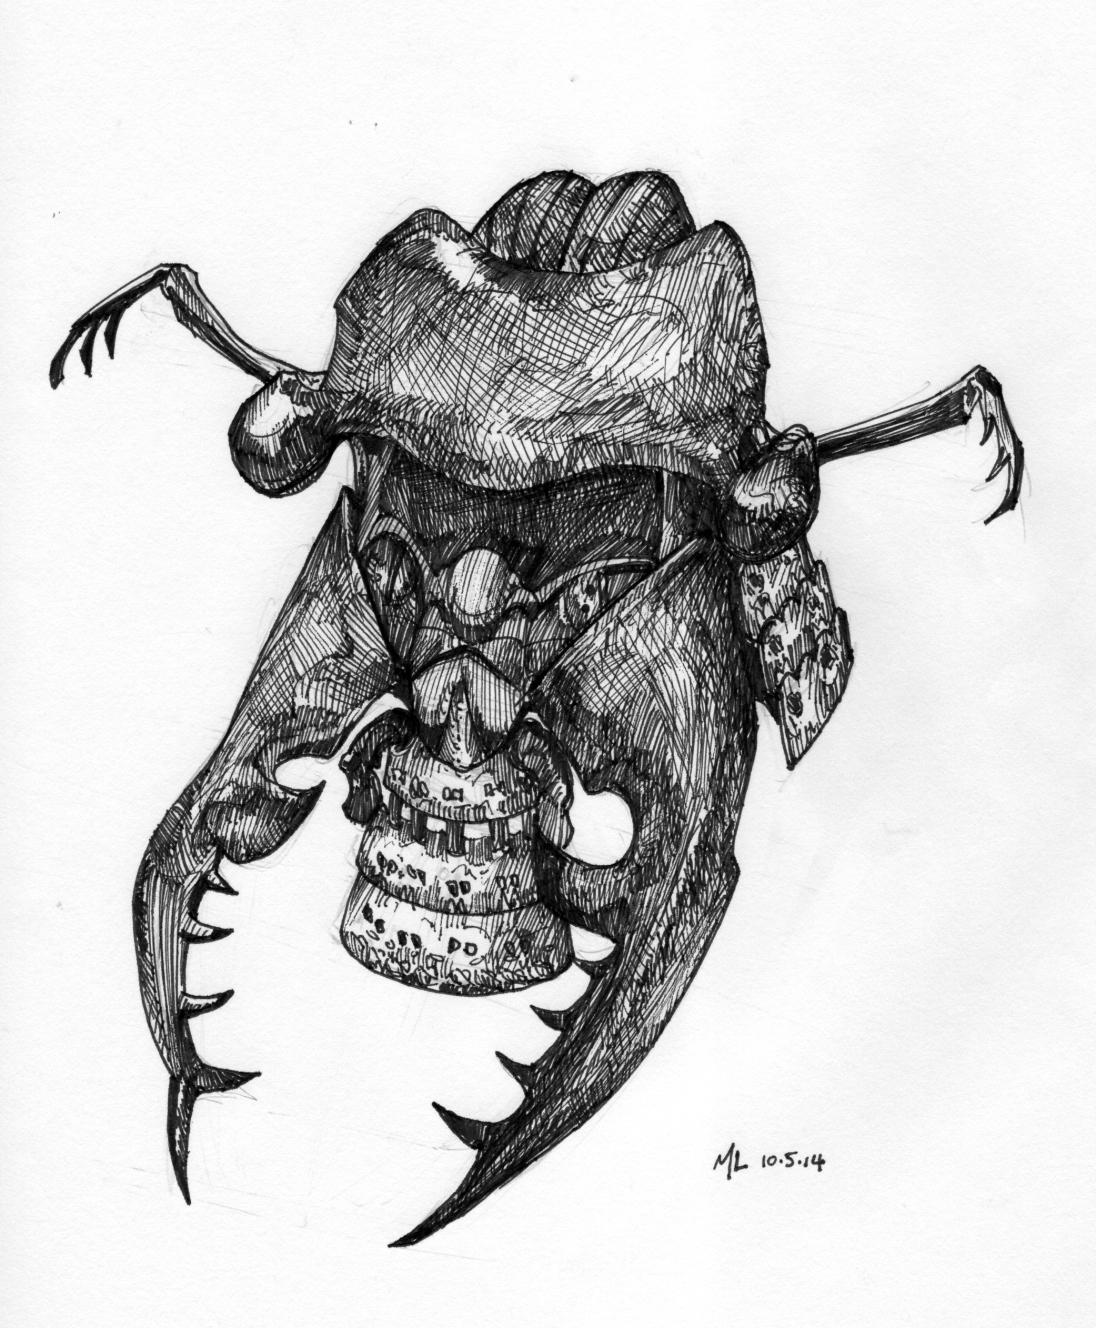 kabuto, stag beetle